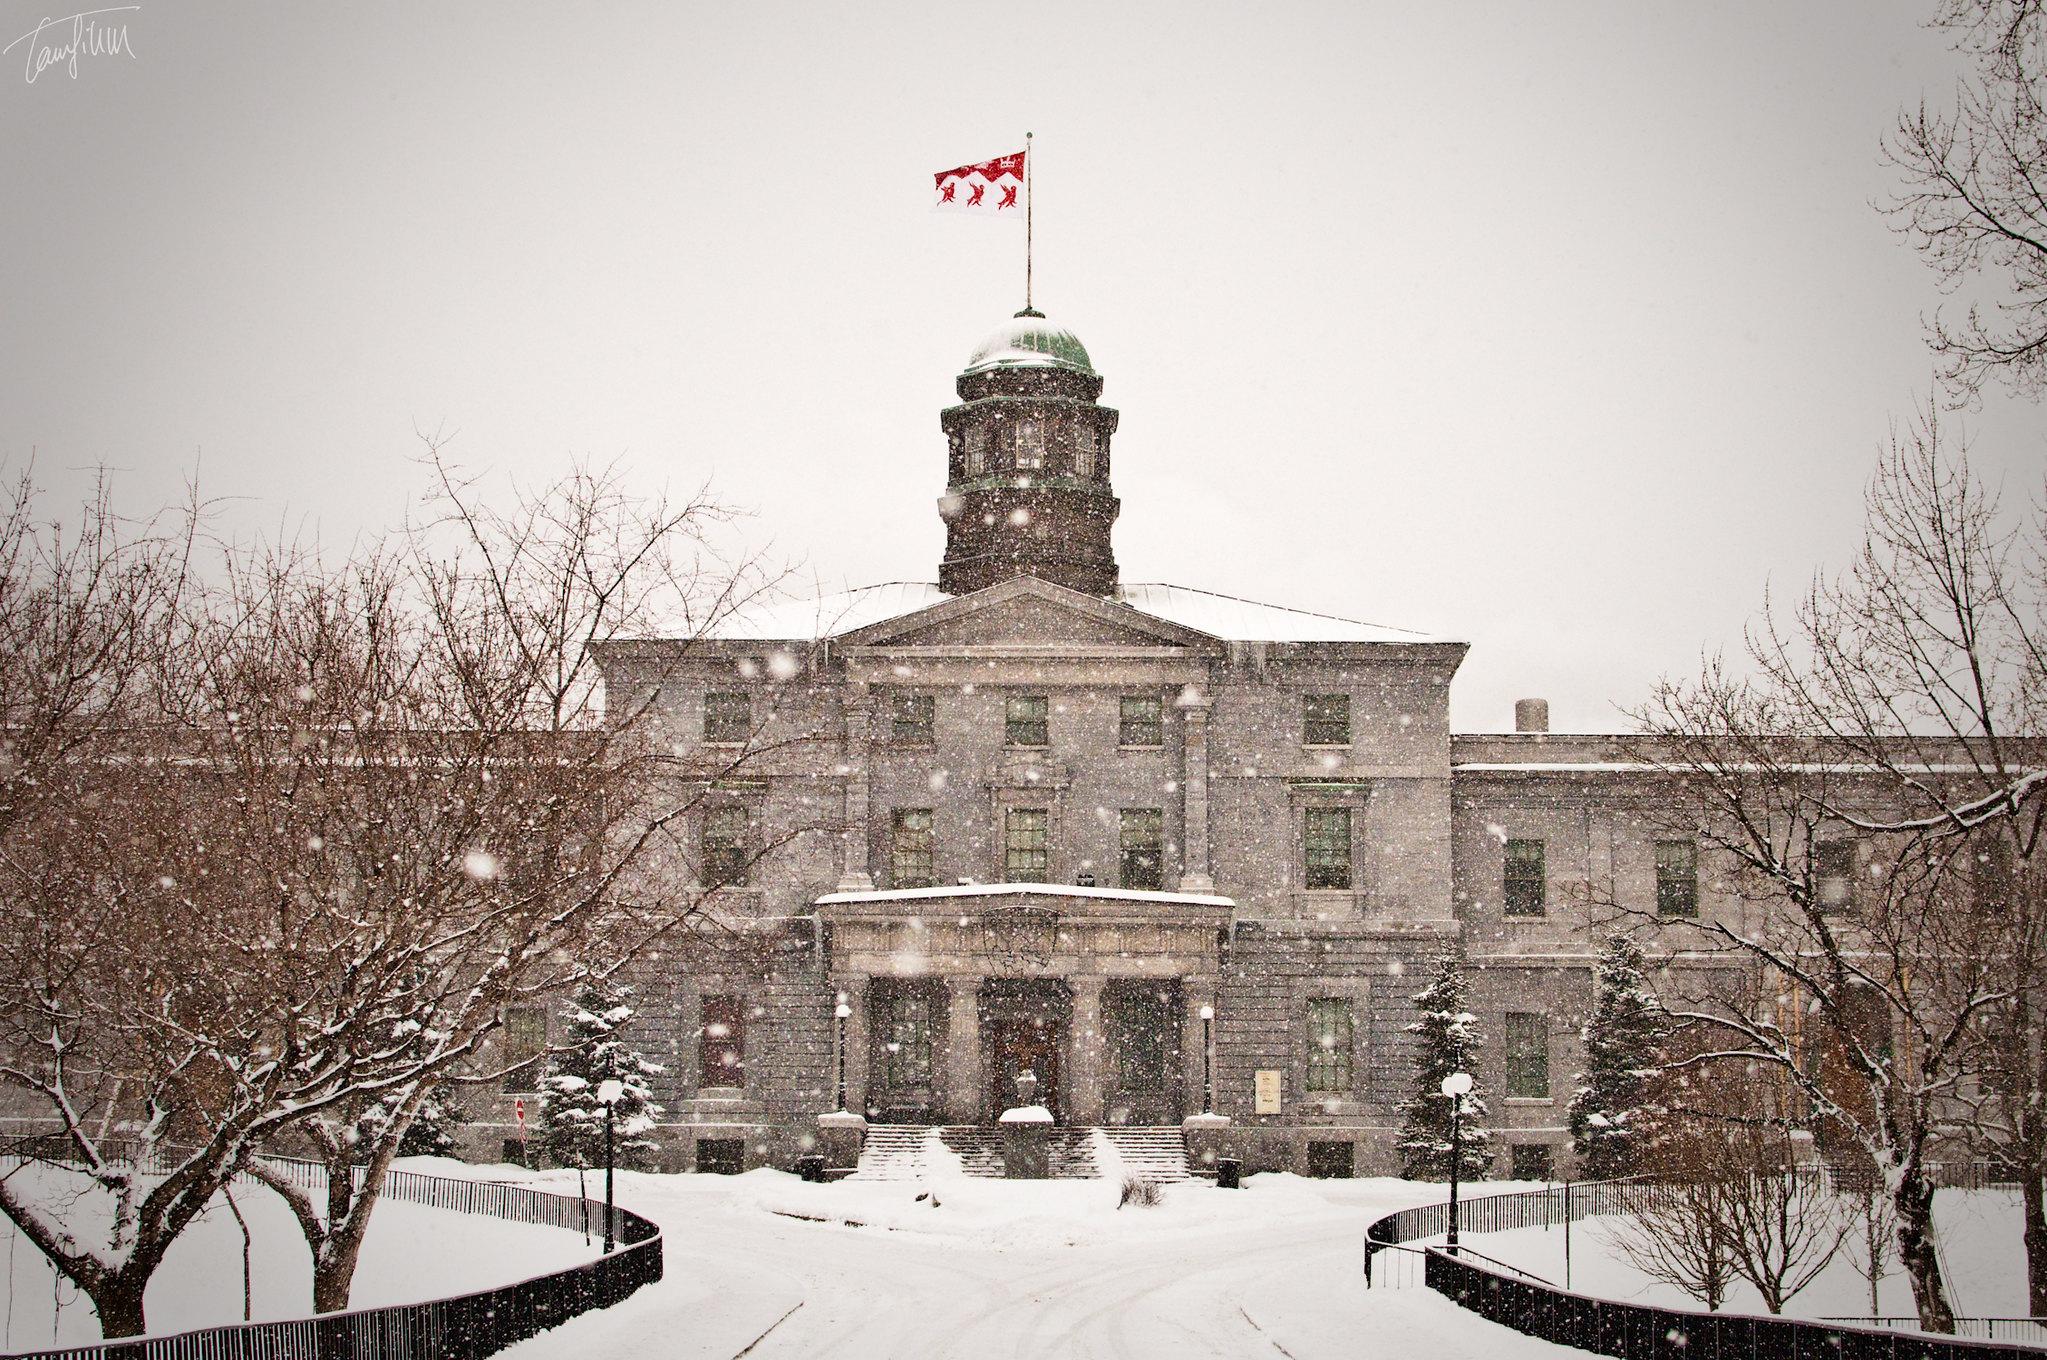 melhores-universidades-do-canada-para-estudantes-internacionais-mcgill